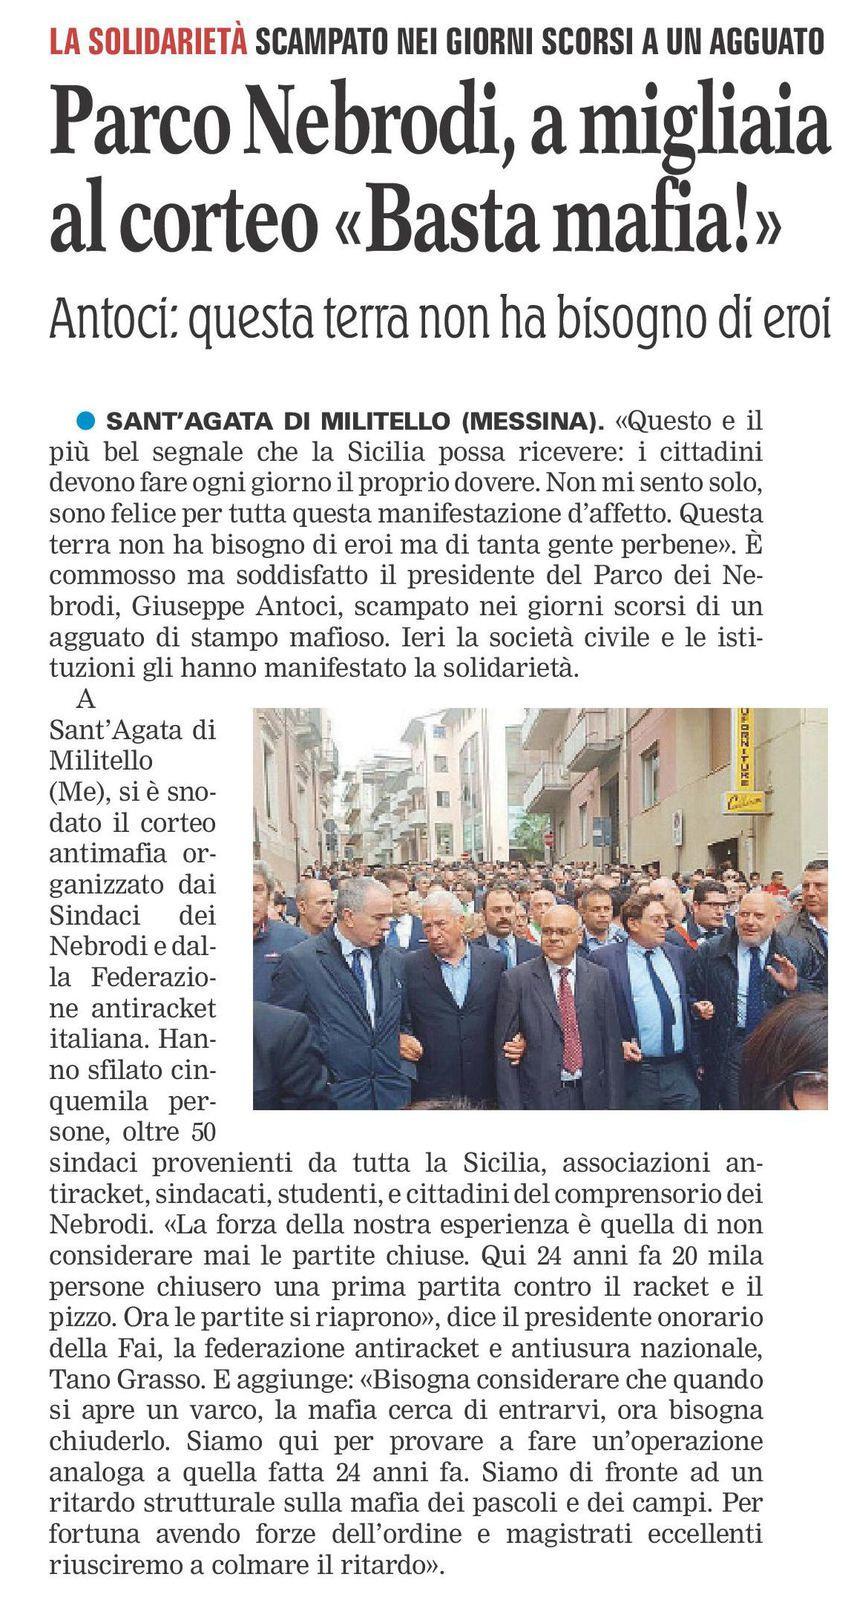 Gazzetta del Mezzogiorno - ed. 22 maggio 2016